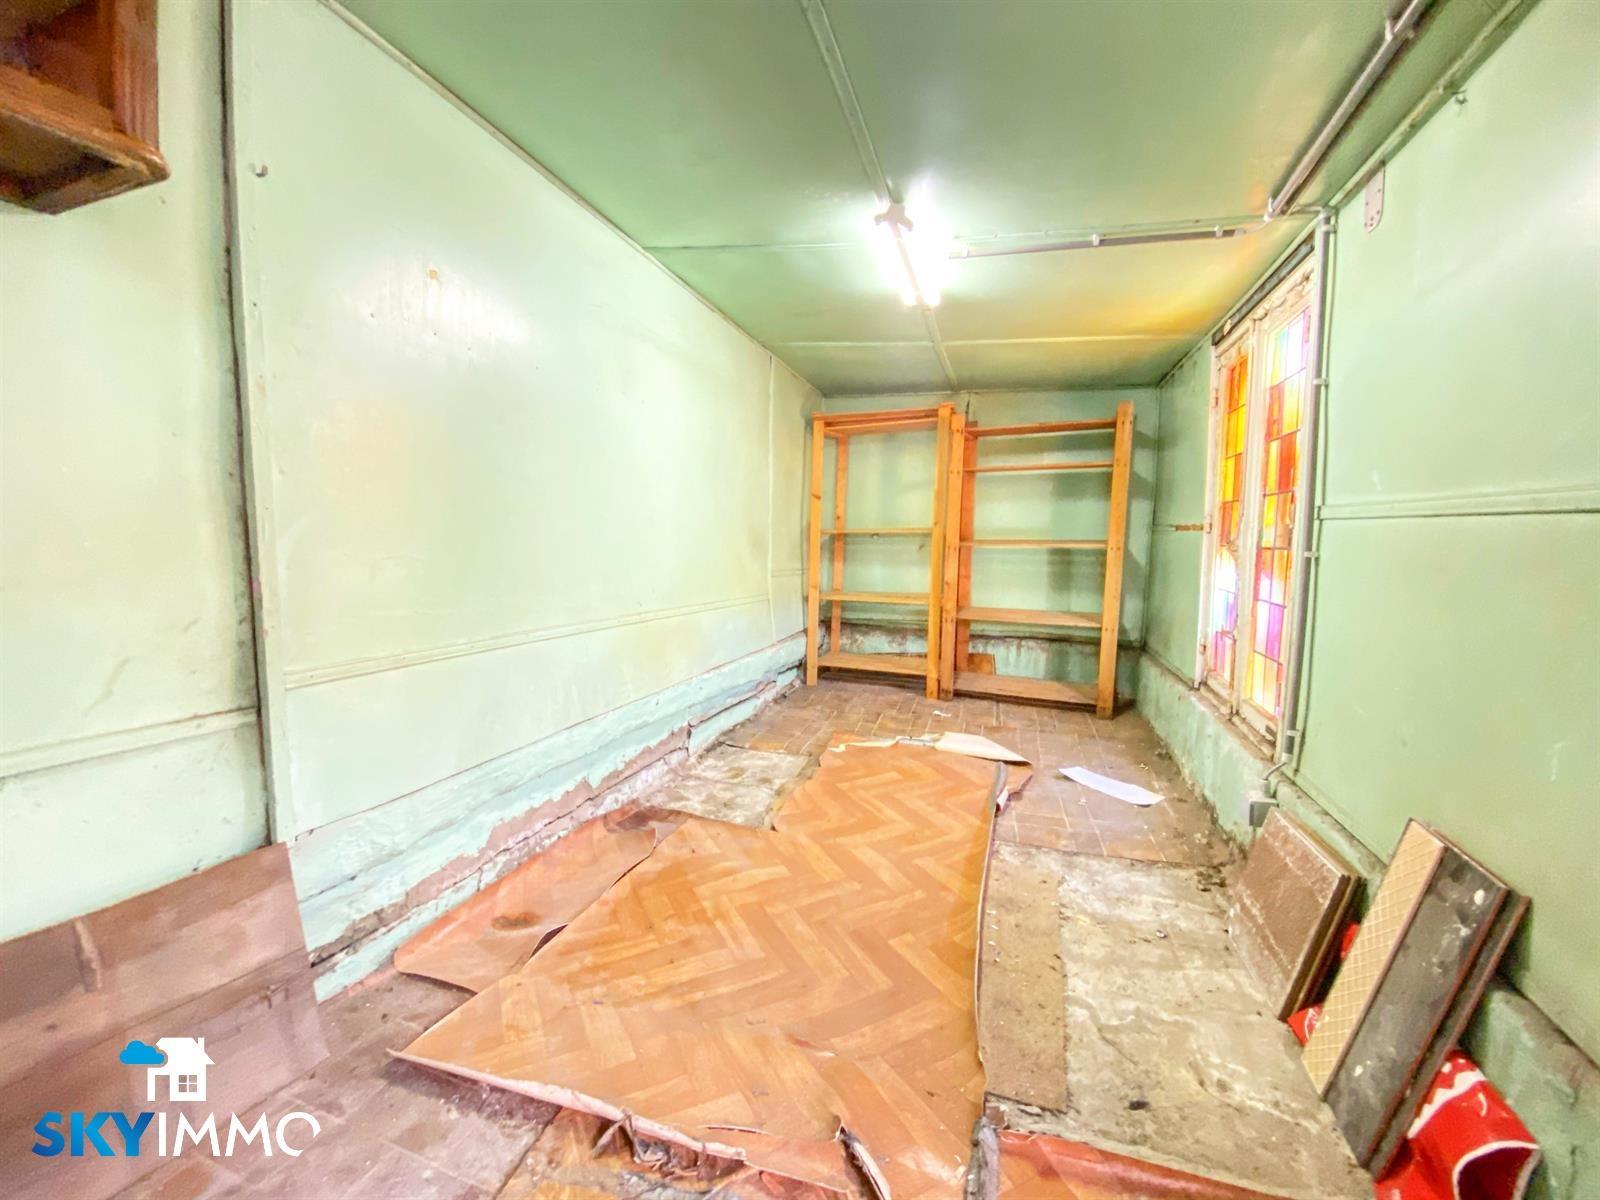 Bel-étage - Flemalle - #4295119-20